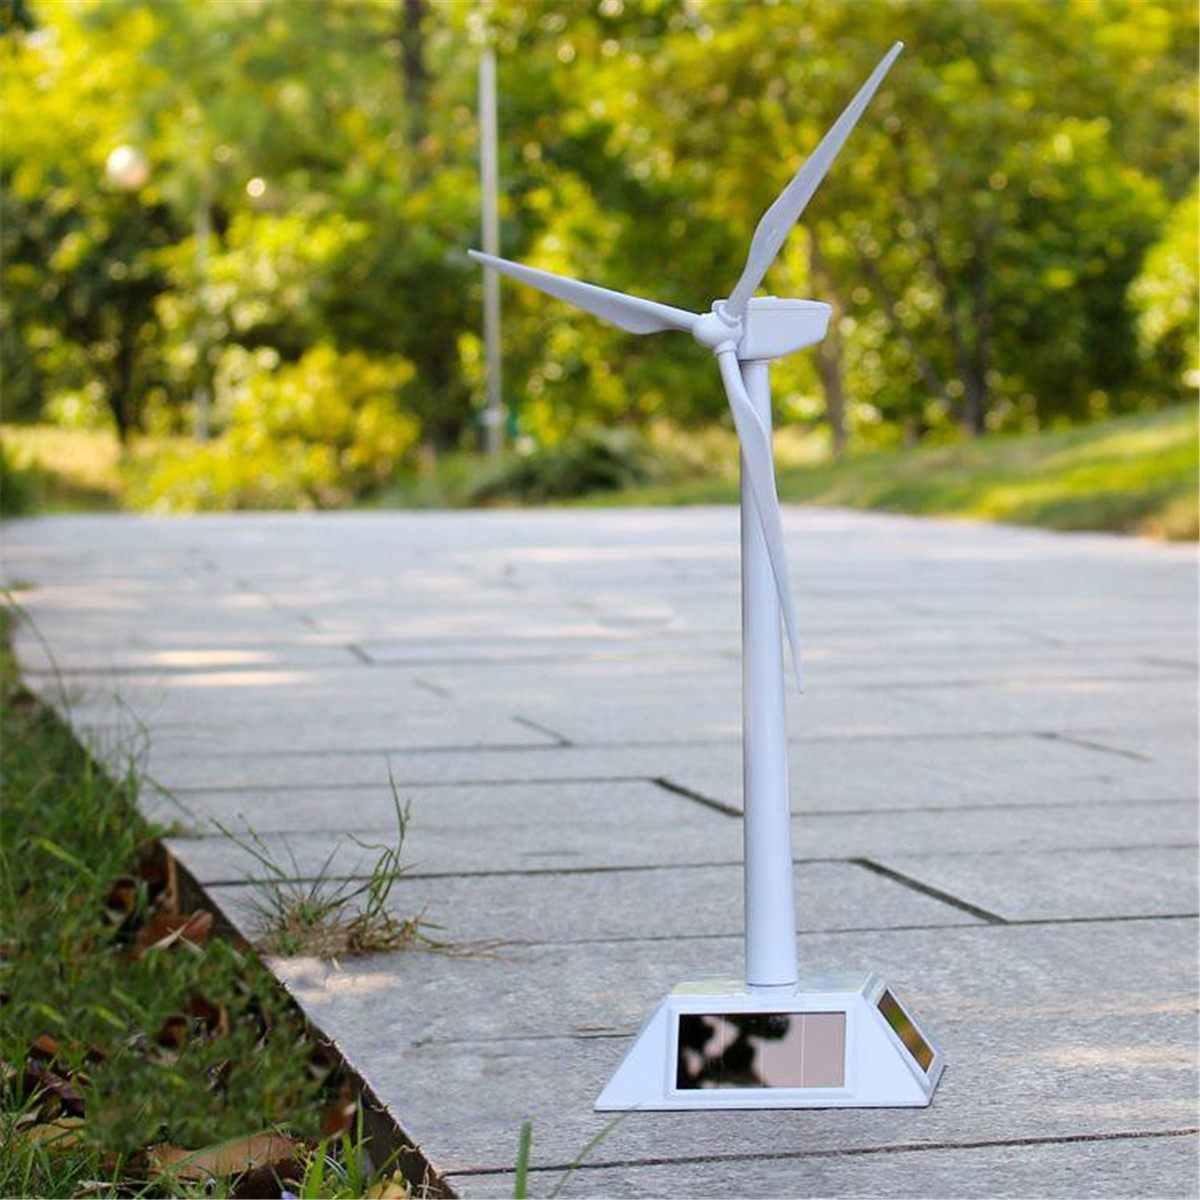 2 trong 1 Trắng Gió Mặt Trời Máy Phát Điện và Triển Lãm Đứng Cối Xay Gió Giáo Dục Lắp Ráp Bộ Máy Tính Để Bàn Trang Trí Nhựa